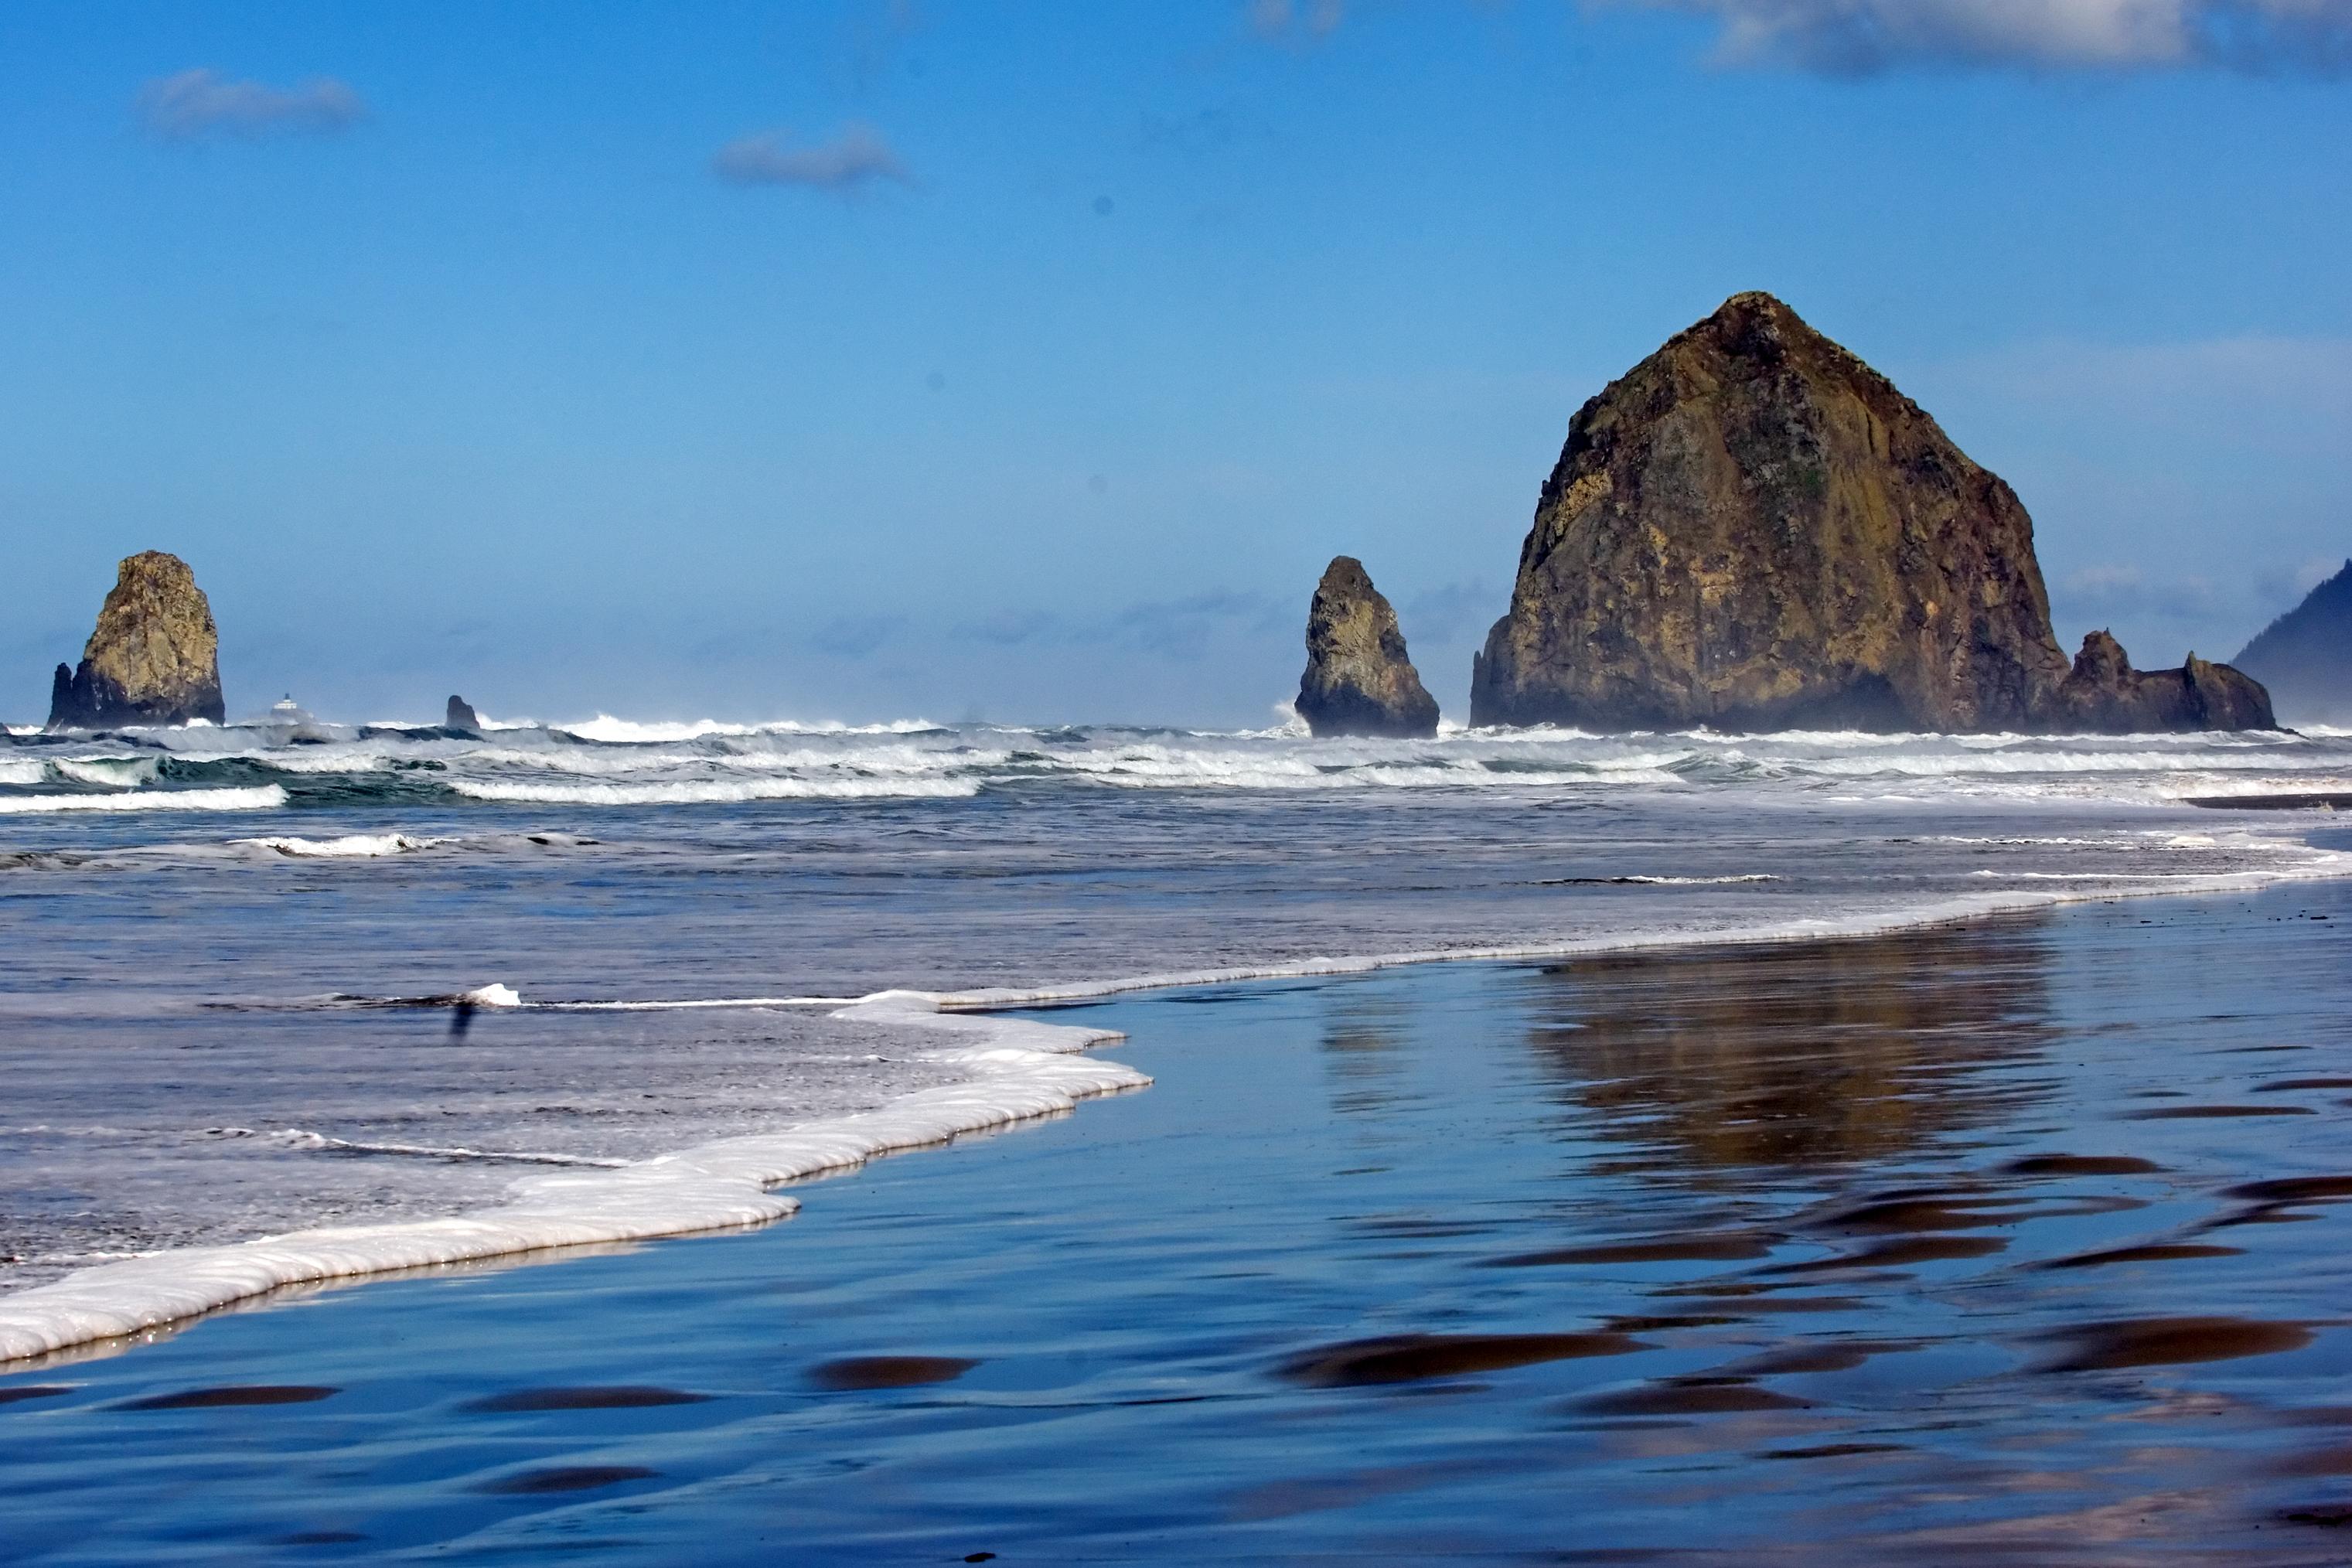 Cannon Beach Sandcastle Contest